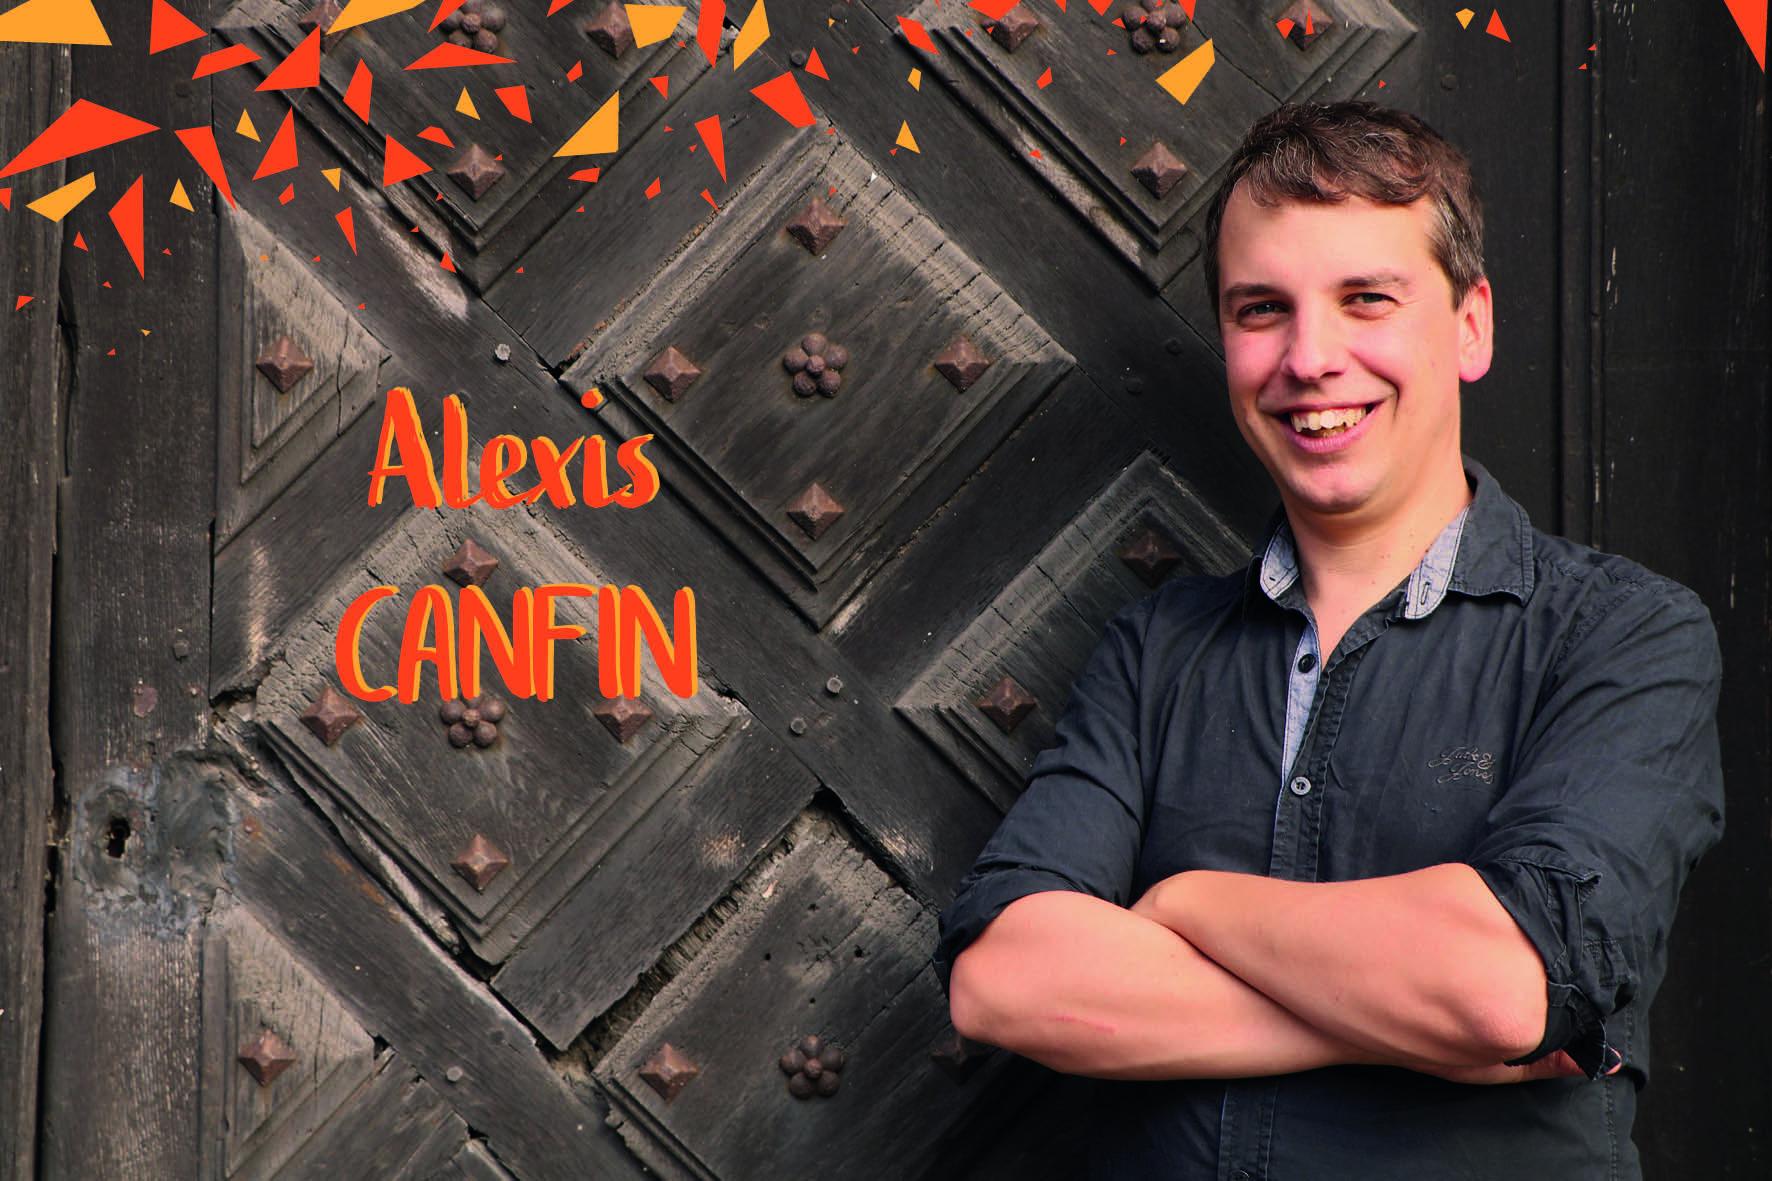 Alexis Canfin